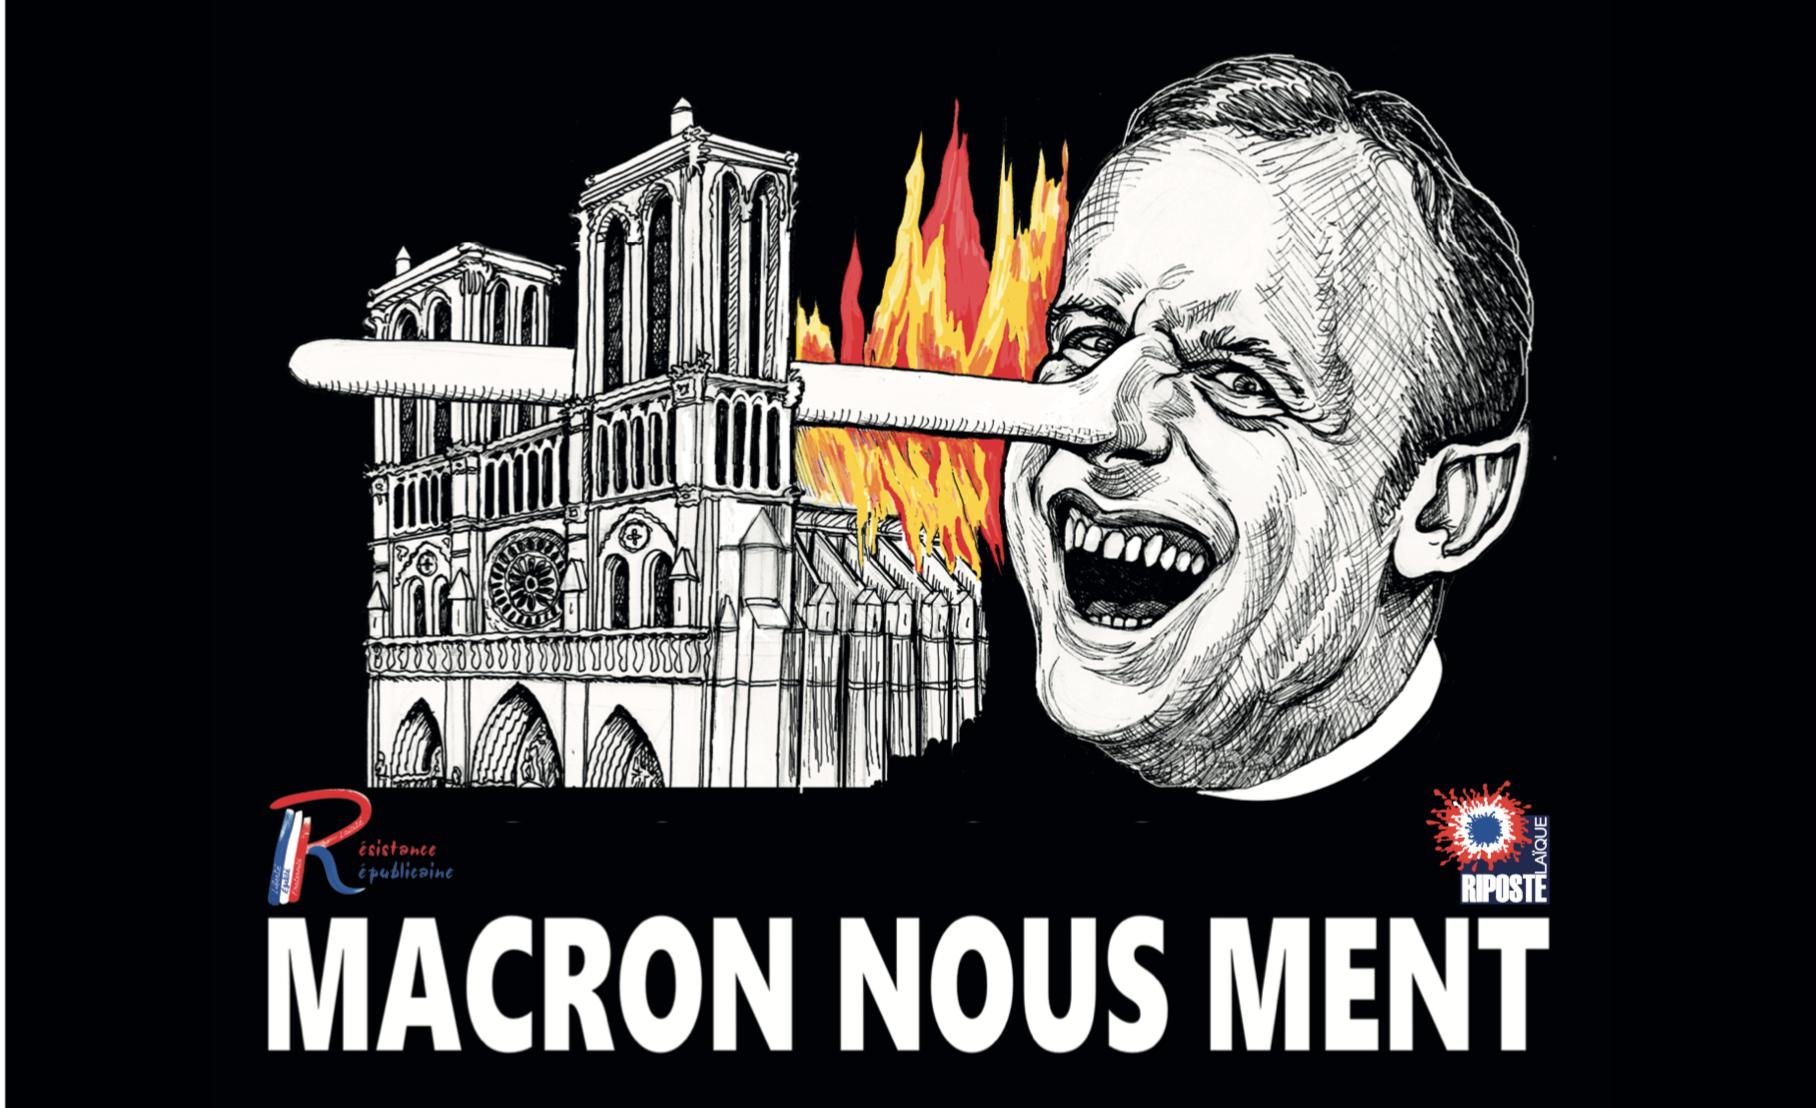 Faites la nique à Macron avec nos autocollants gratuits :  «incendie de ND, Macron menteur»